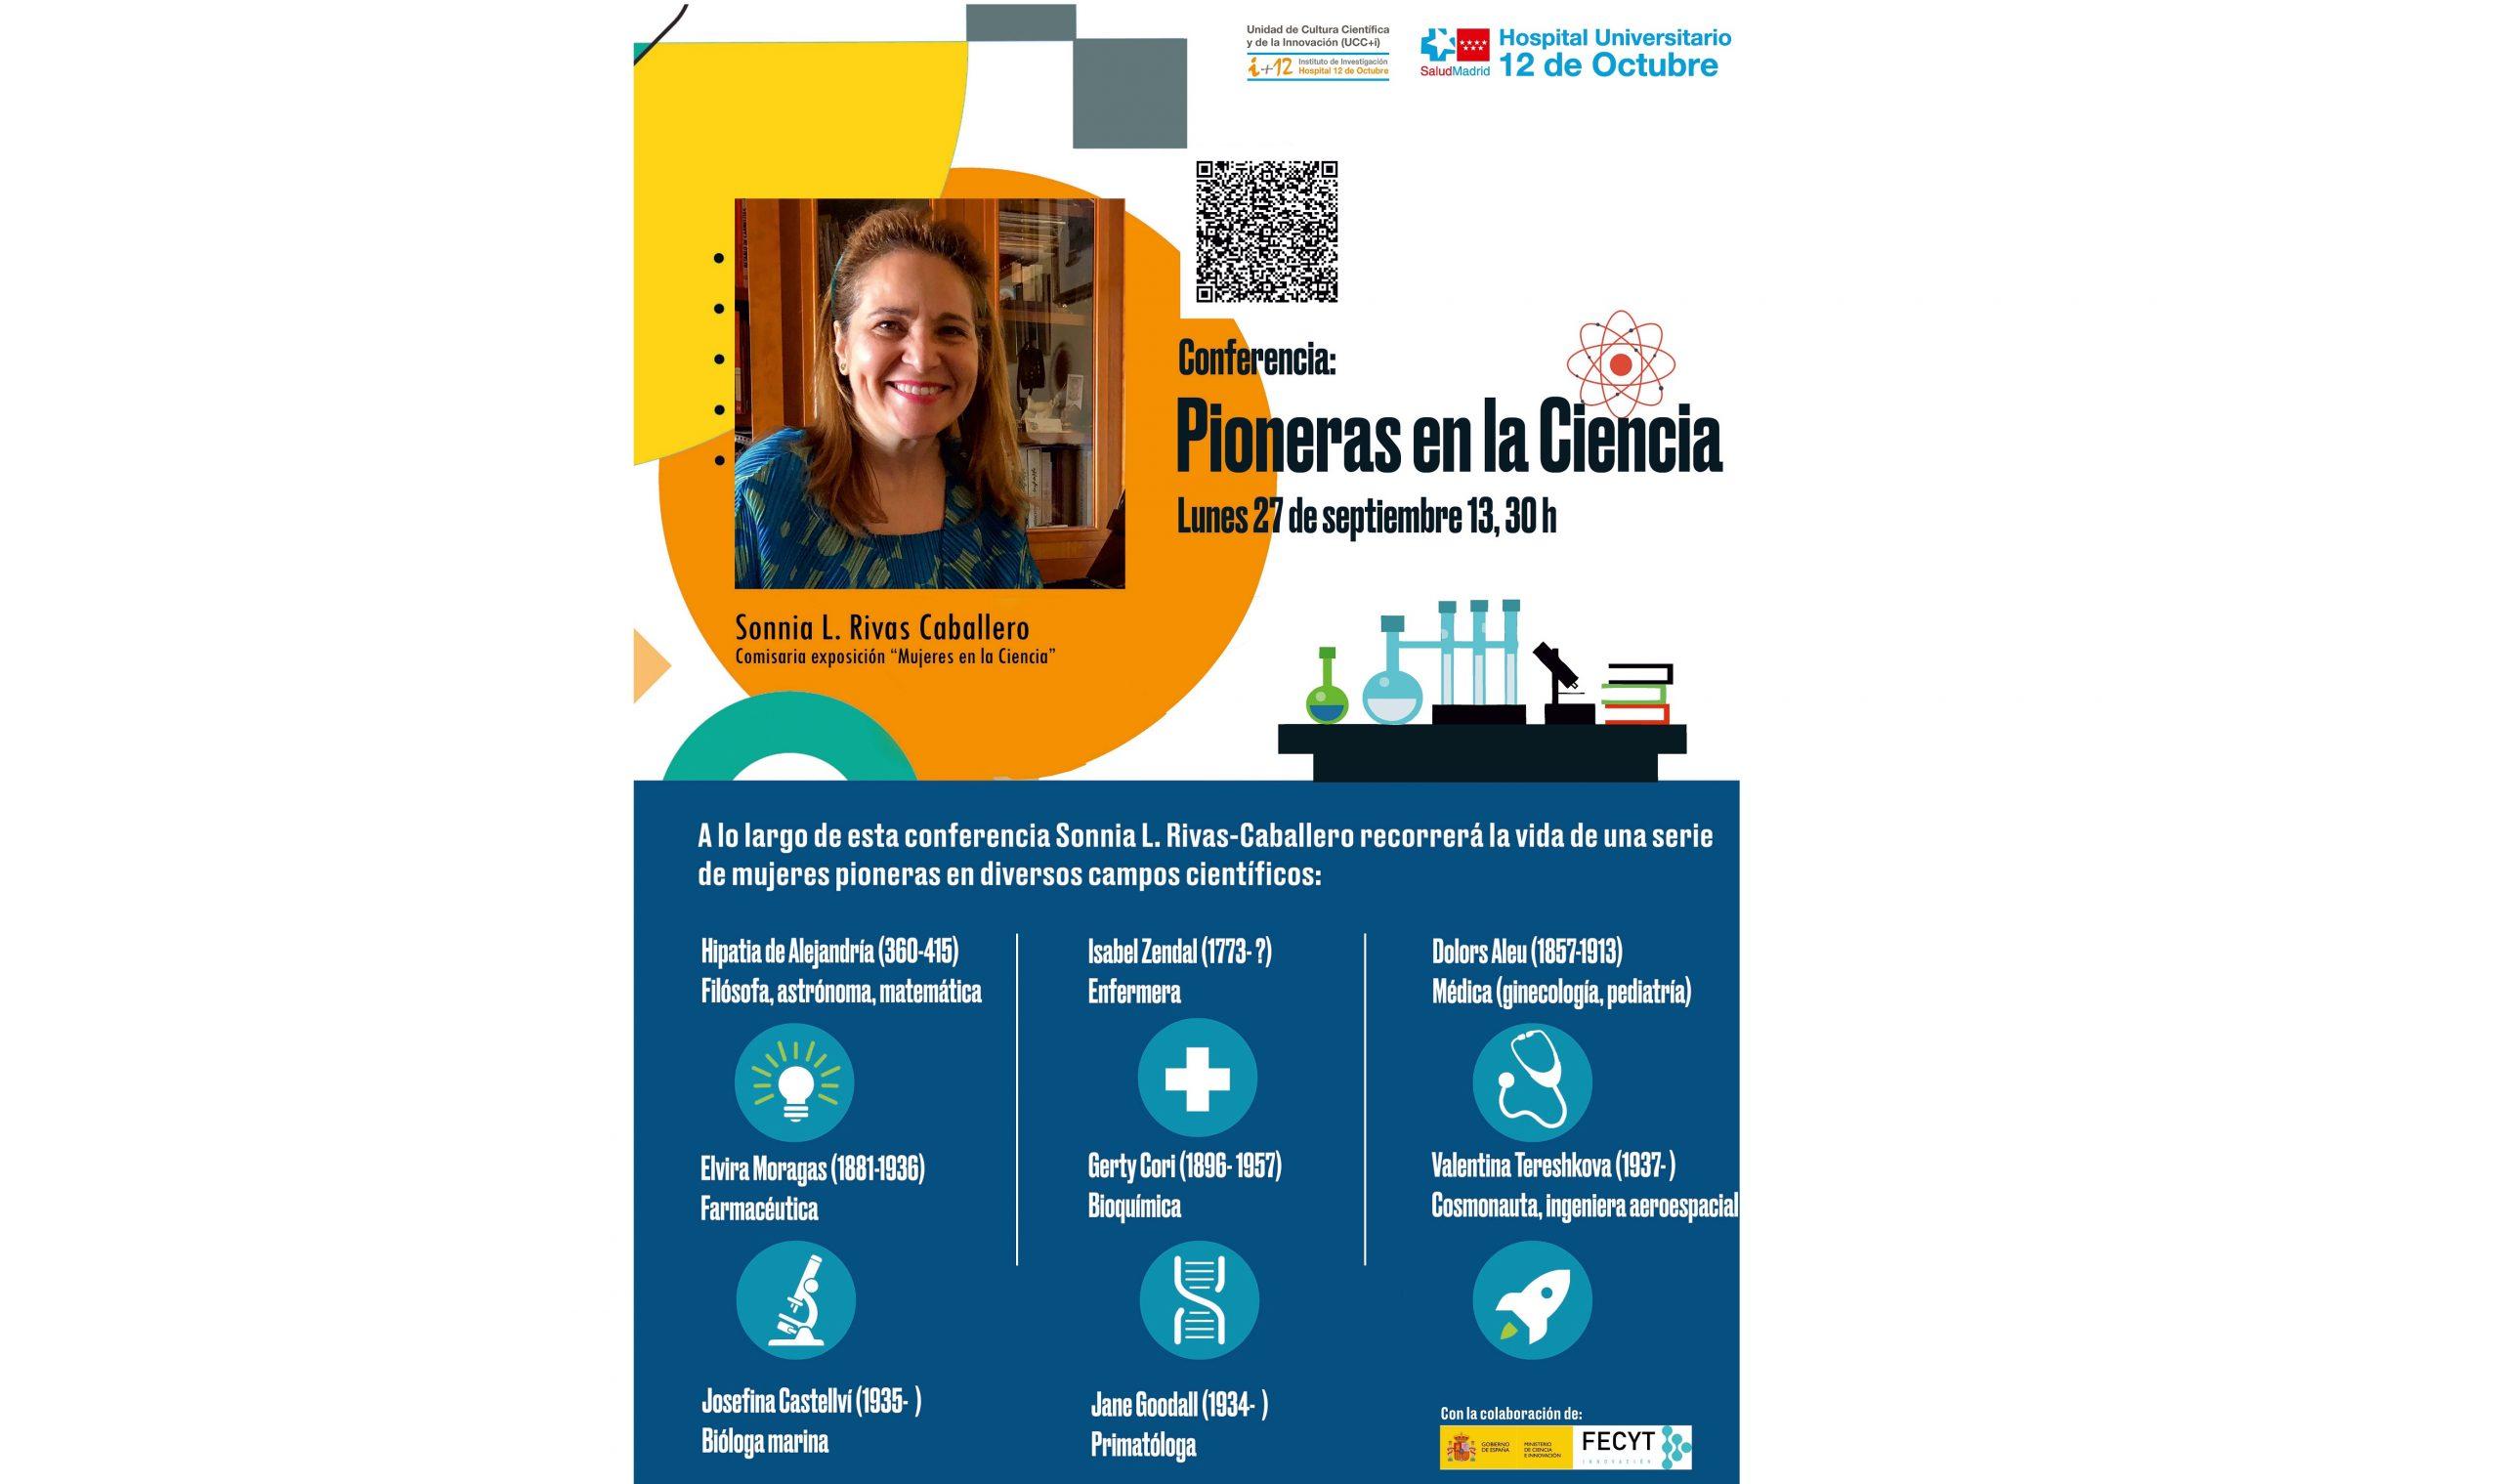 """Conferencia """"Pioneras en la Ciencia"""". Lunes 27 de septiembre de 2021 a las 13:30 h. Evento OnLine en directo."""